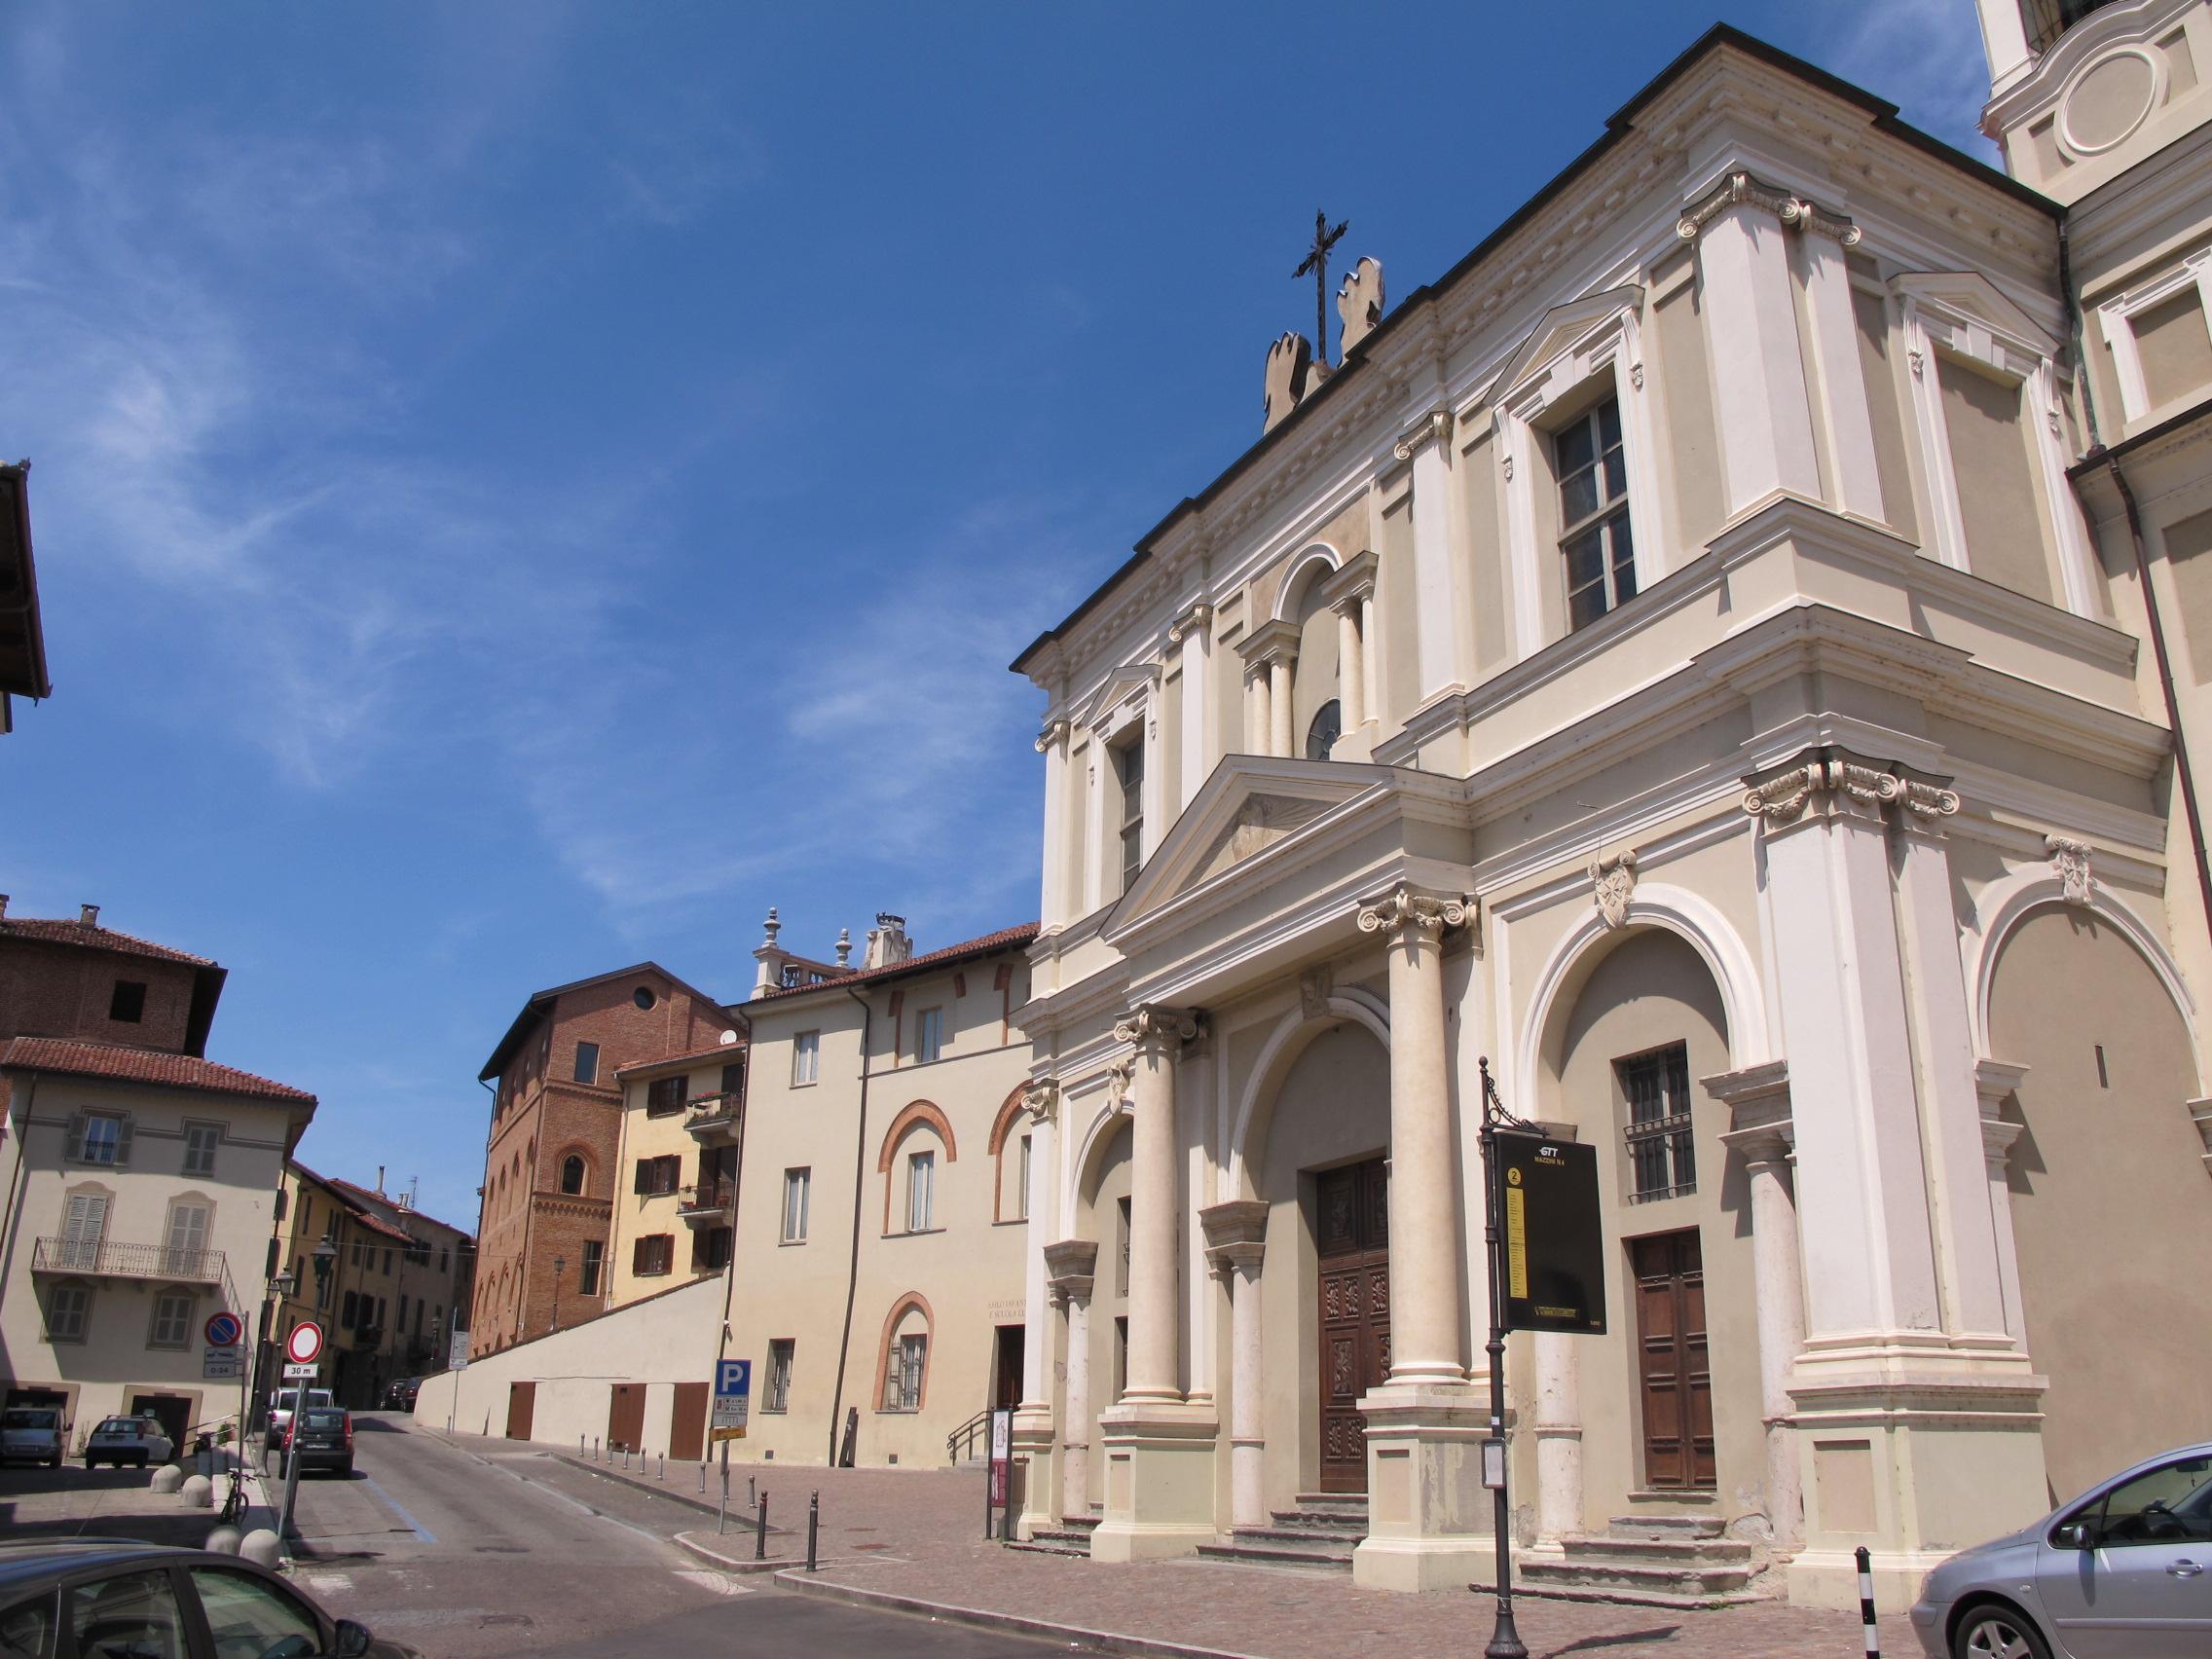 San Guglielmo